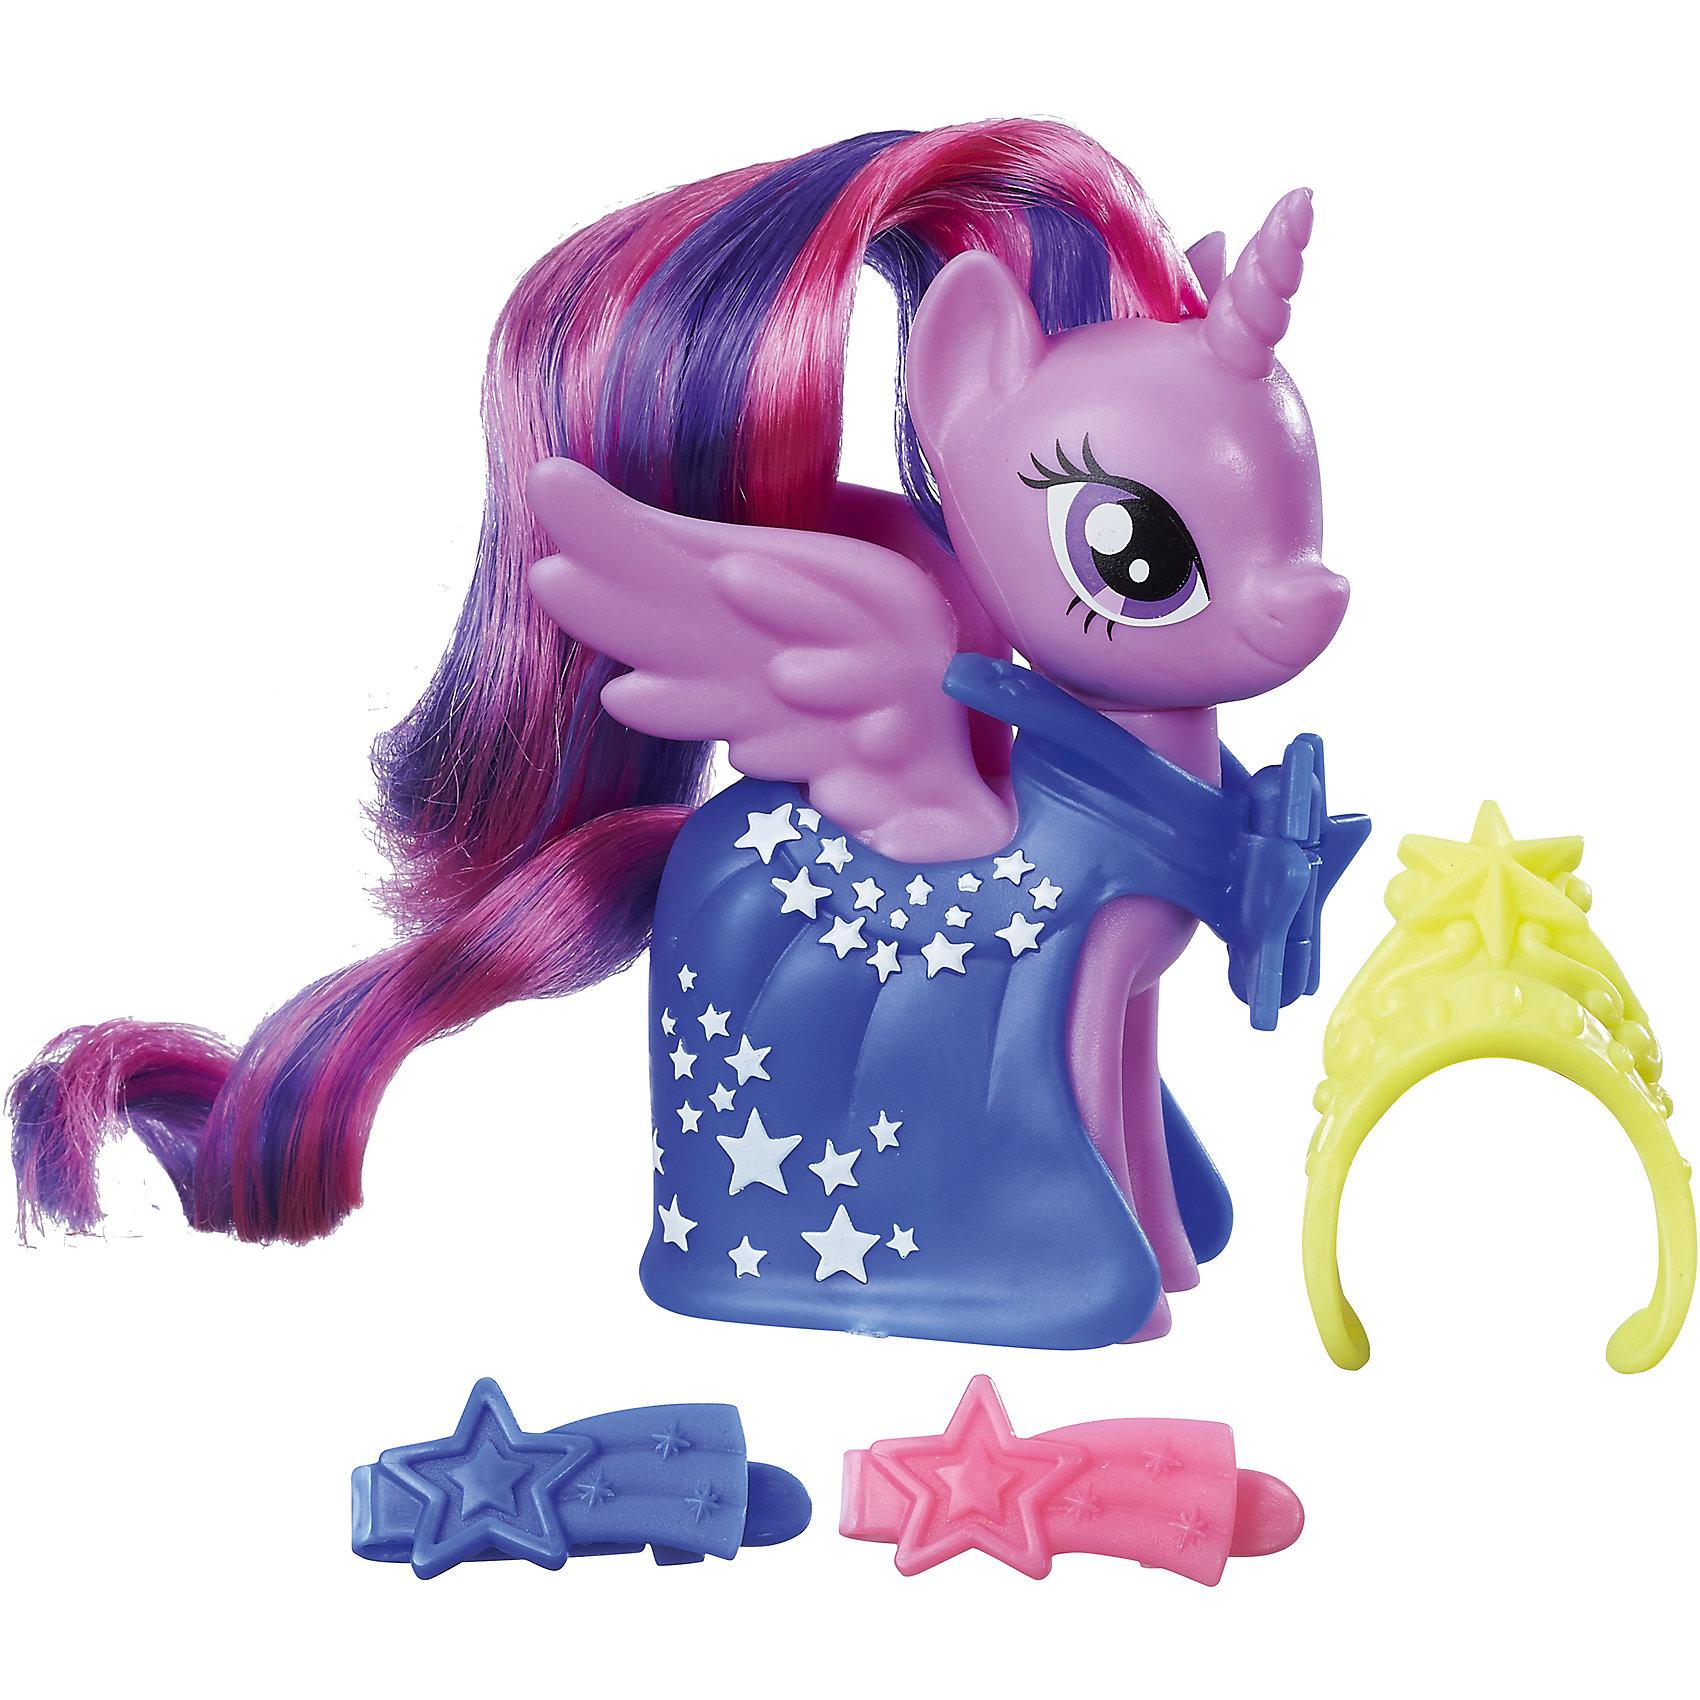 Игровой набор Hasbro My little Pony Пони-модницы, Сумеречная искоркаПопулярные игрушки<br>Характеристики товара:<br><br>• возраст: от 3 лет;<br>• материал: пластик;<br>• в комплекте: фигурка пони, аксессуары;<br>• размер фигурки: 8 см;<br>• размер упаковки: 18,4х17,8х4,8 см;<br>• вес упаковки: 145 гр.;<br>• страна производитель: Китай.<br><br>Игровой набор «Пони-модницы» My Little Pony Hasbro создан по мотивам известного мультсериала. В наборе фигурка пони Сумеречная искорка с фиолетовой гривой и синим костюмчиком, украшенным звездами. Стильные аксессуары дополнят образ маленькой пони. Мягкий хвостик и гриву можно расчесывать, заплетать, украшать, придумывая каждый раз новый оригинальный образ. <br><br>Игровой набор «Пони-модницы» My Little Pony Hasbro B8810/B9623 можно приобрести в нашем интернет-магазине.<br><br>Ширина мм: 48<br>Глубина мм: 178<br>Высота мм: 184<br>Вес г: 145<br>Возраст от месяцев: 36<br>Возраст до месяцев: 2147483647<br>Пол: Женский<br>Возраст: Детский<br>SKU: 6674412